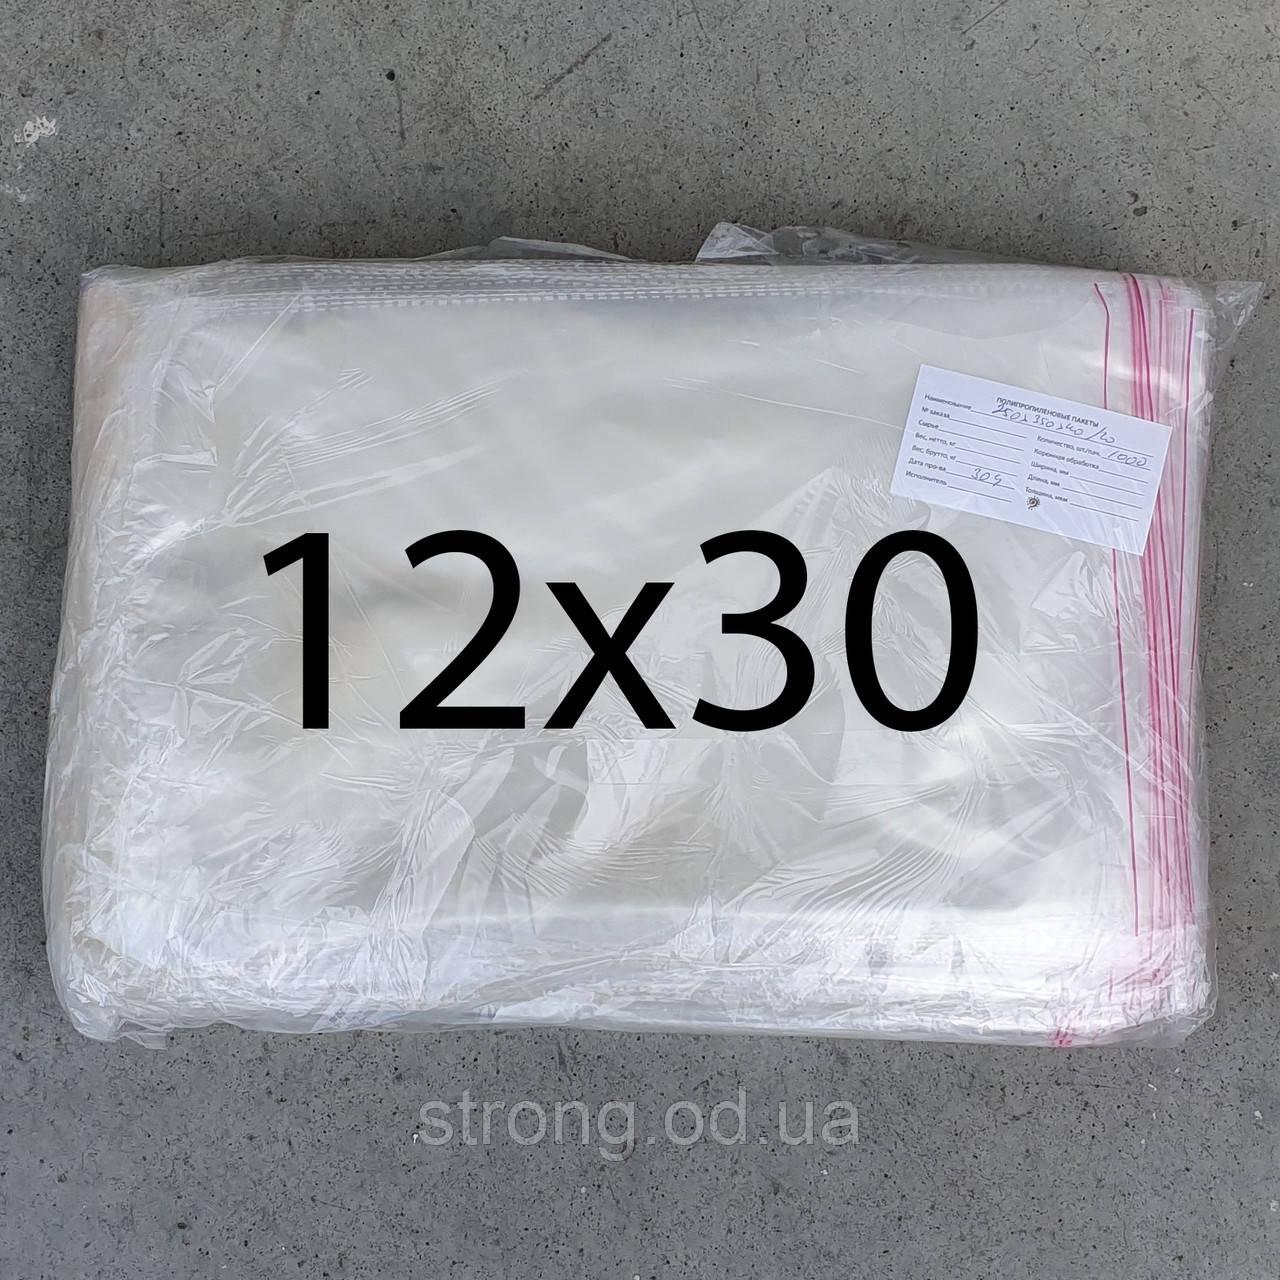 Пакет пакувальний з липкою стрічкою 12х30 (1000шт.)